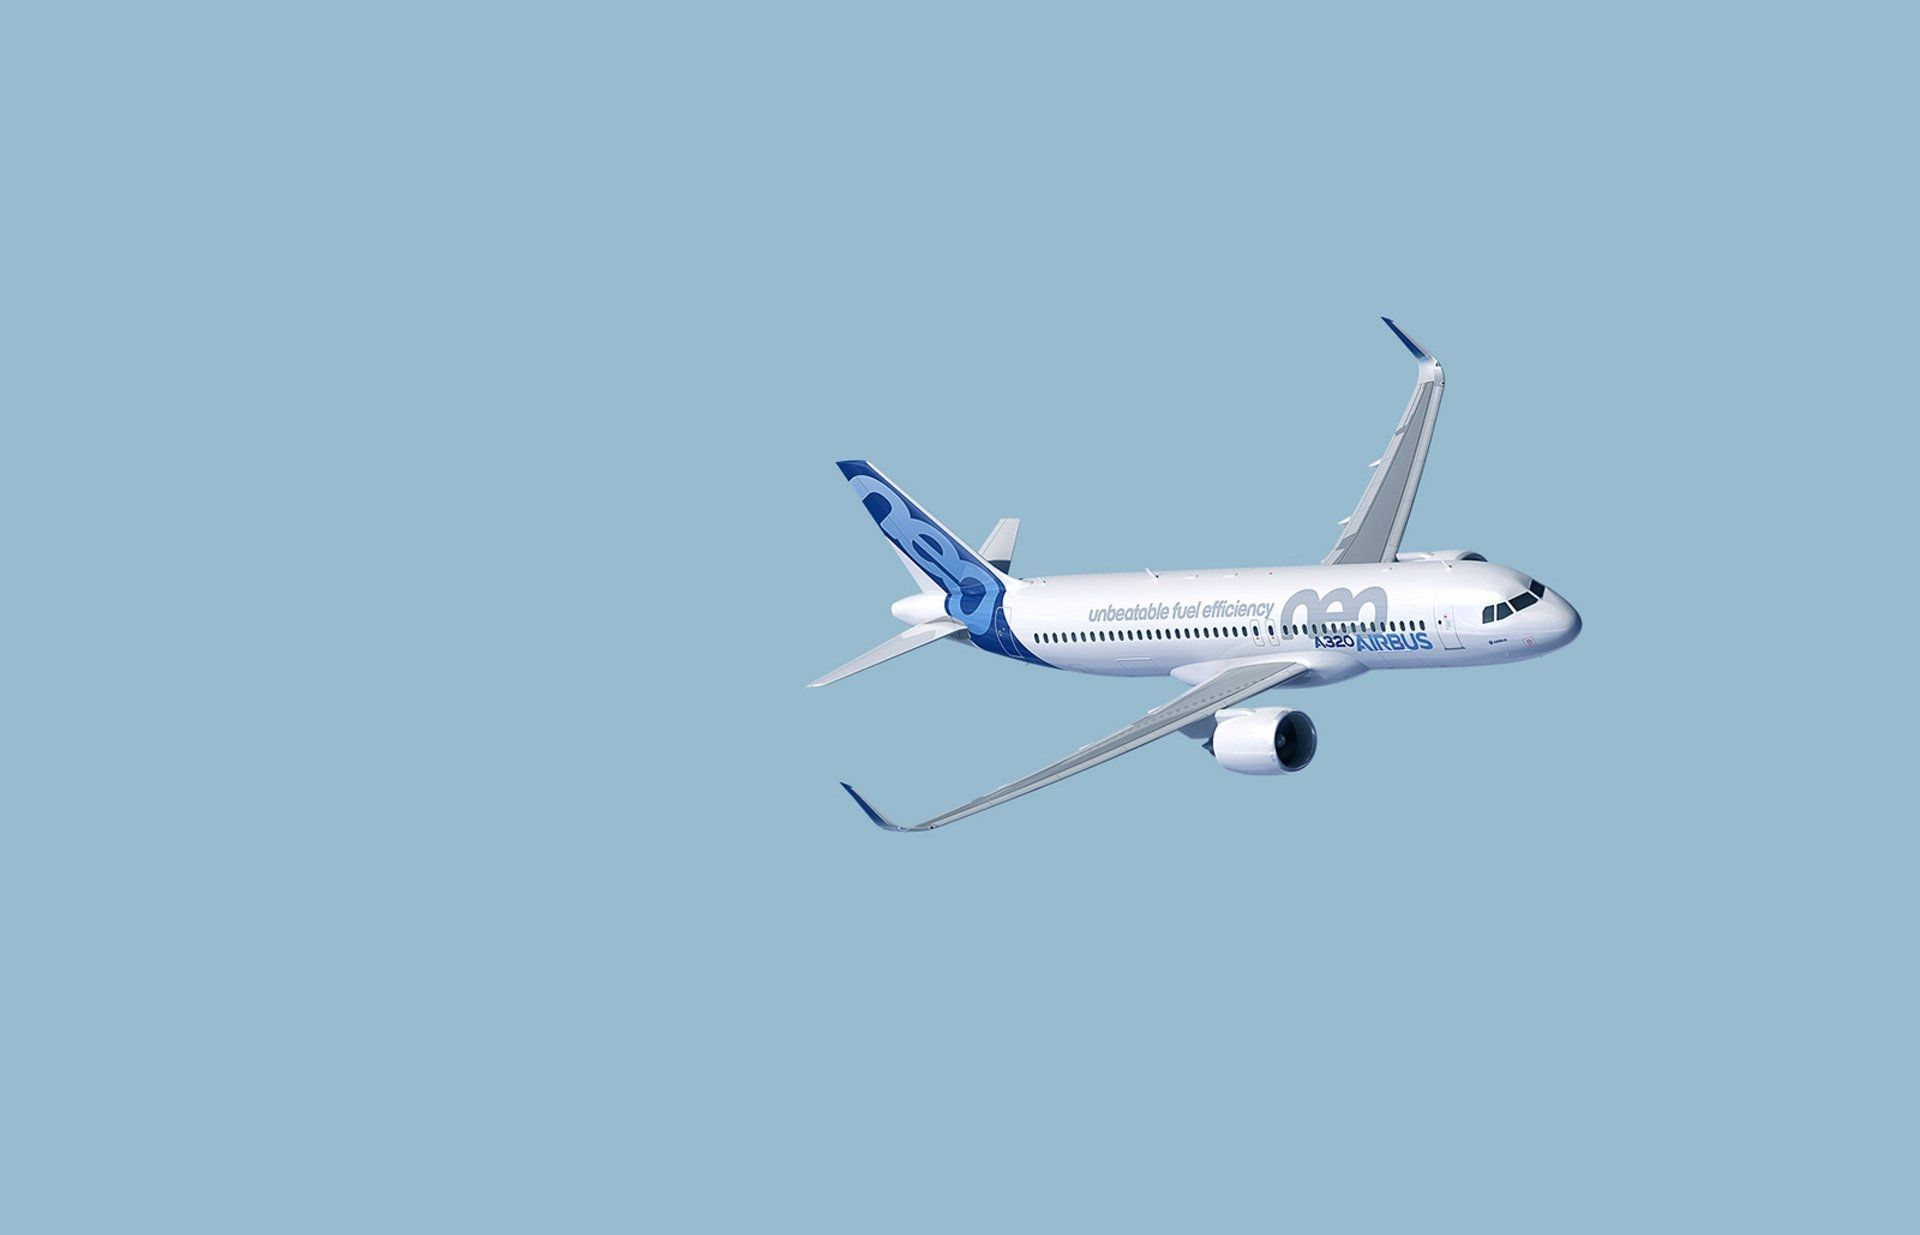 民航早报:Vistara航空将引进15架新空客飞机